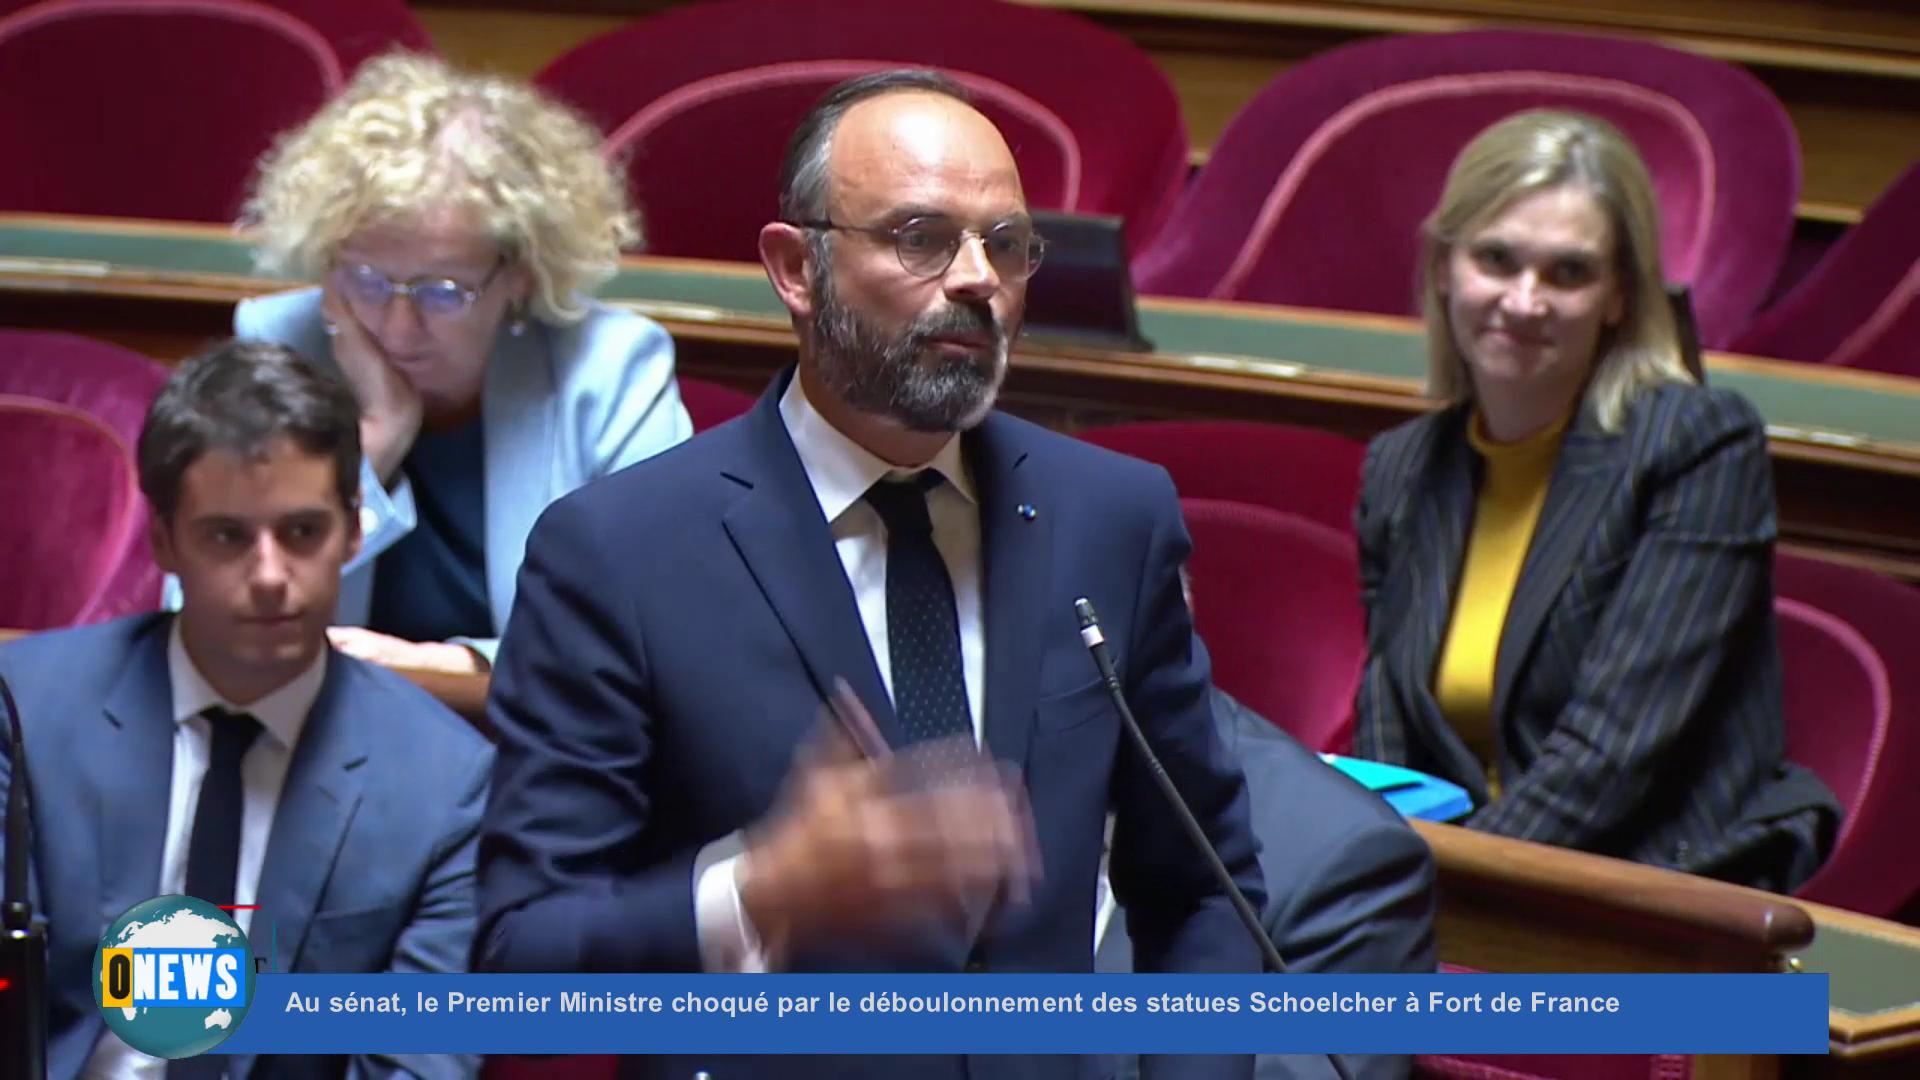 [Vidéo] Au sénat, le Premier Ministre choqué par le déboulonnement des statues Schoelcher à Fort de France